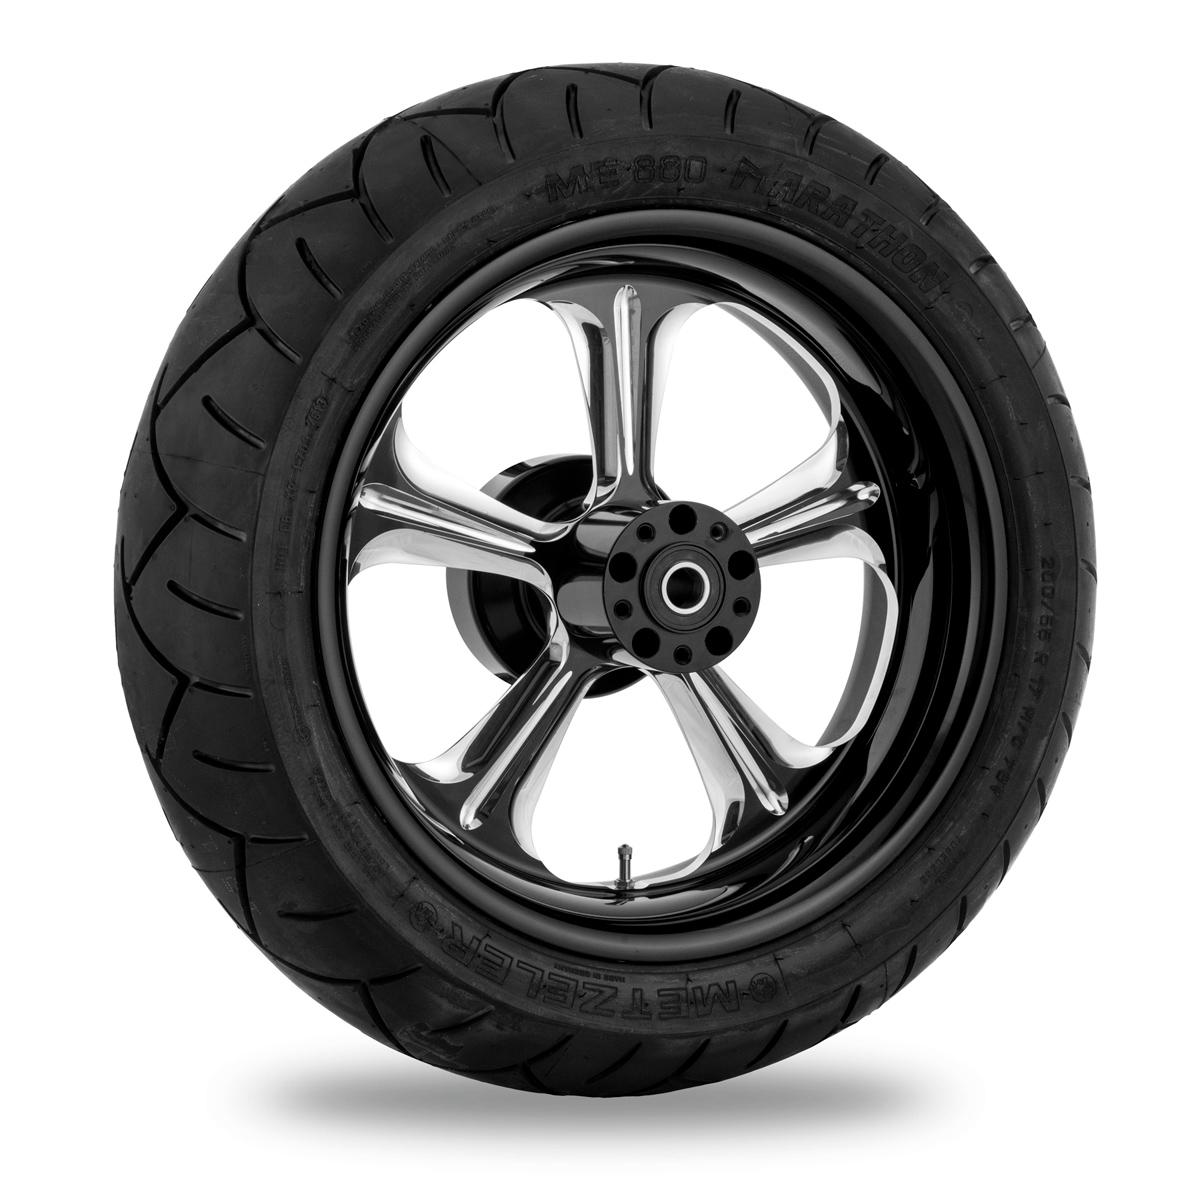 Performance Machine Wrath Platinum Cut Rear Wheel Package 17x6 ABS